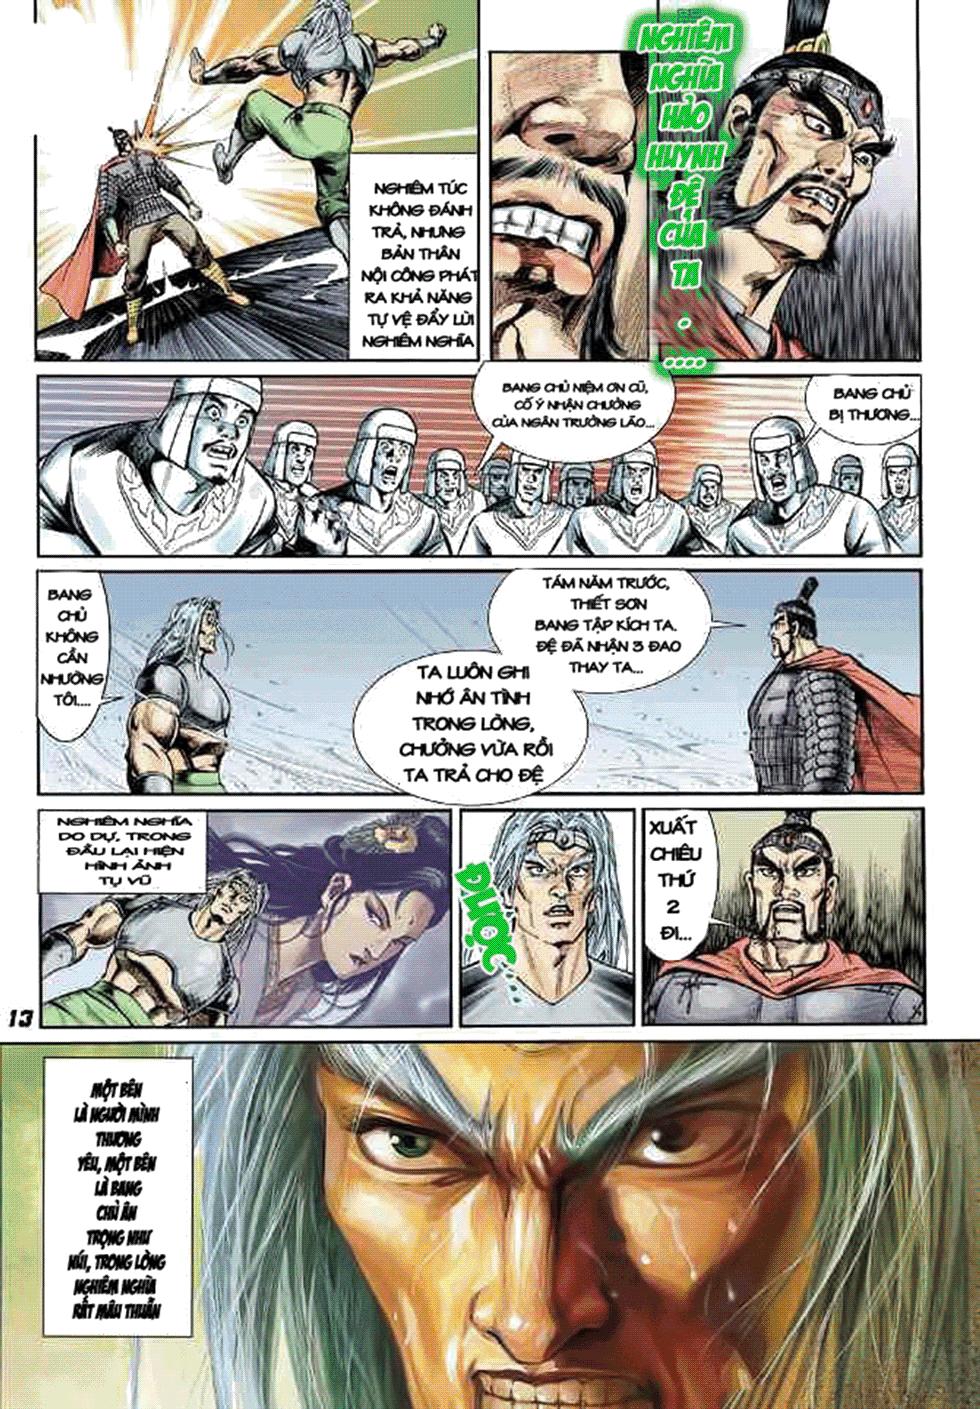 Tần Vương Doanh Chính chapter 8 trang 14